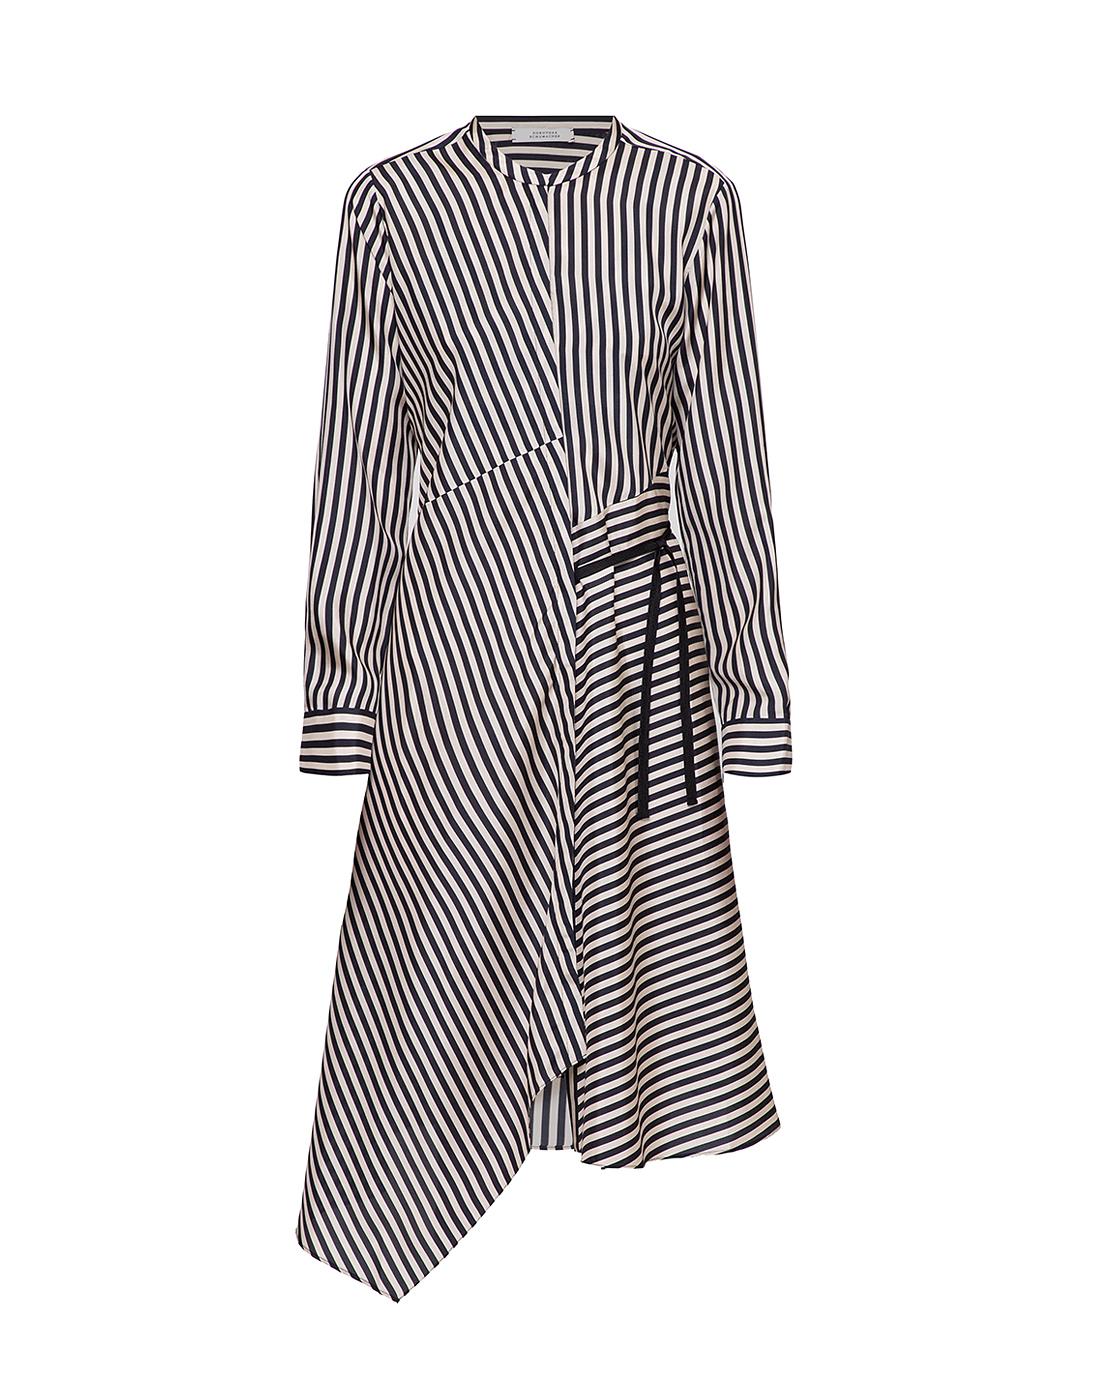 Женское шелковое платье в полоску Dorothee Schumacher S749201/030-1